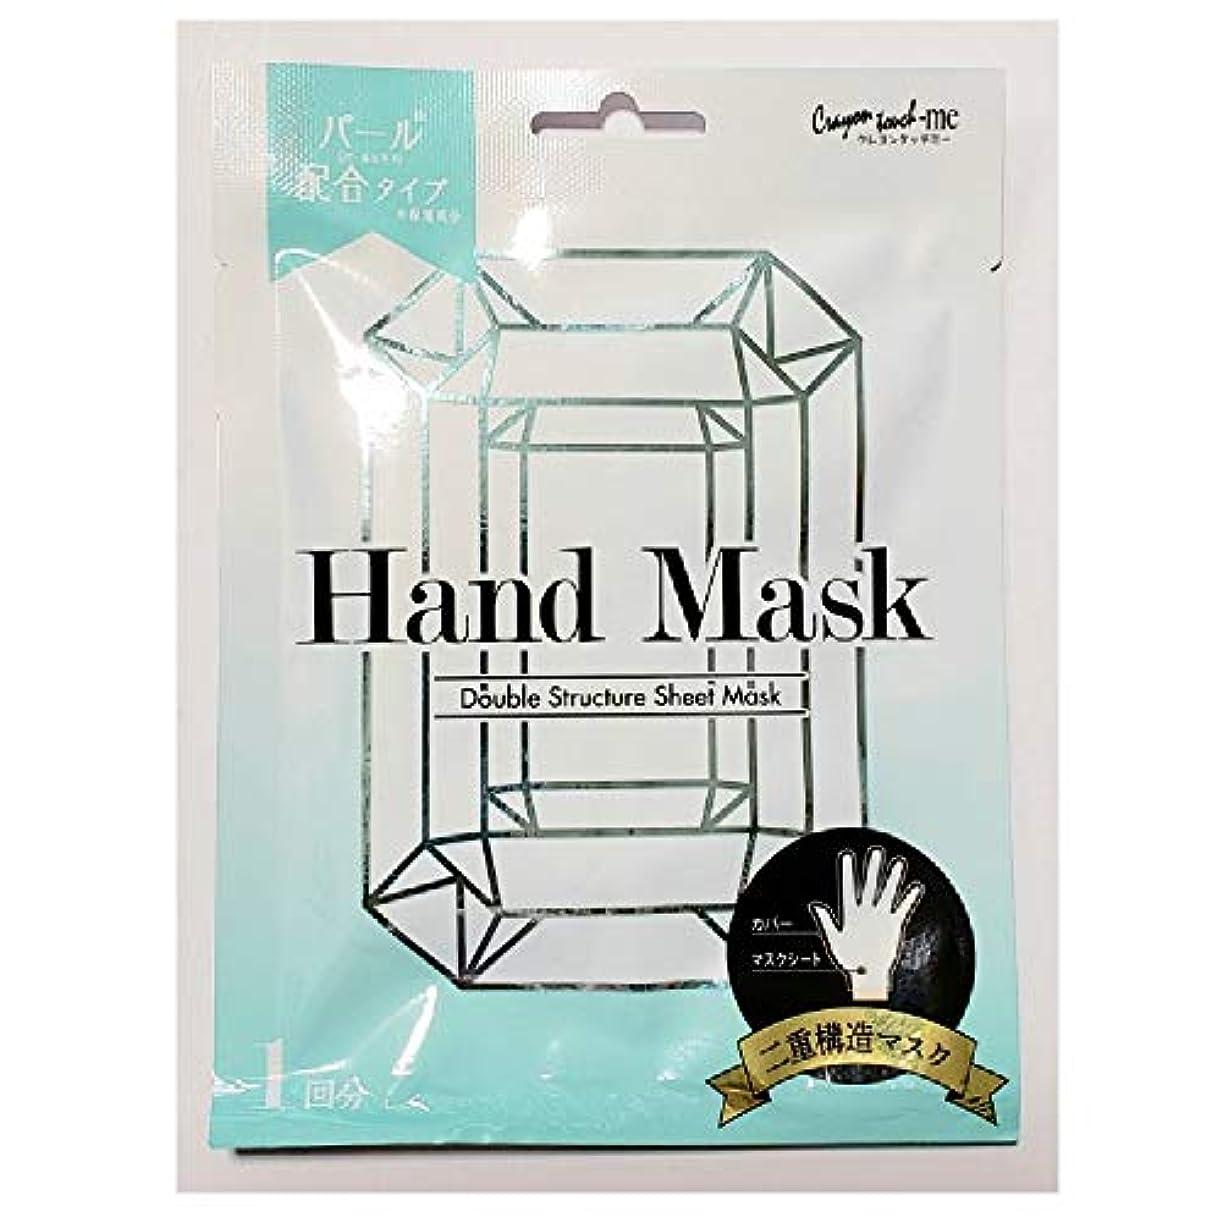 割るホールドオール過度のラッキートレンディ ダブル ストラクチャー シートマスク ハンドマスク パール配合タイプ